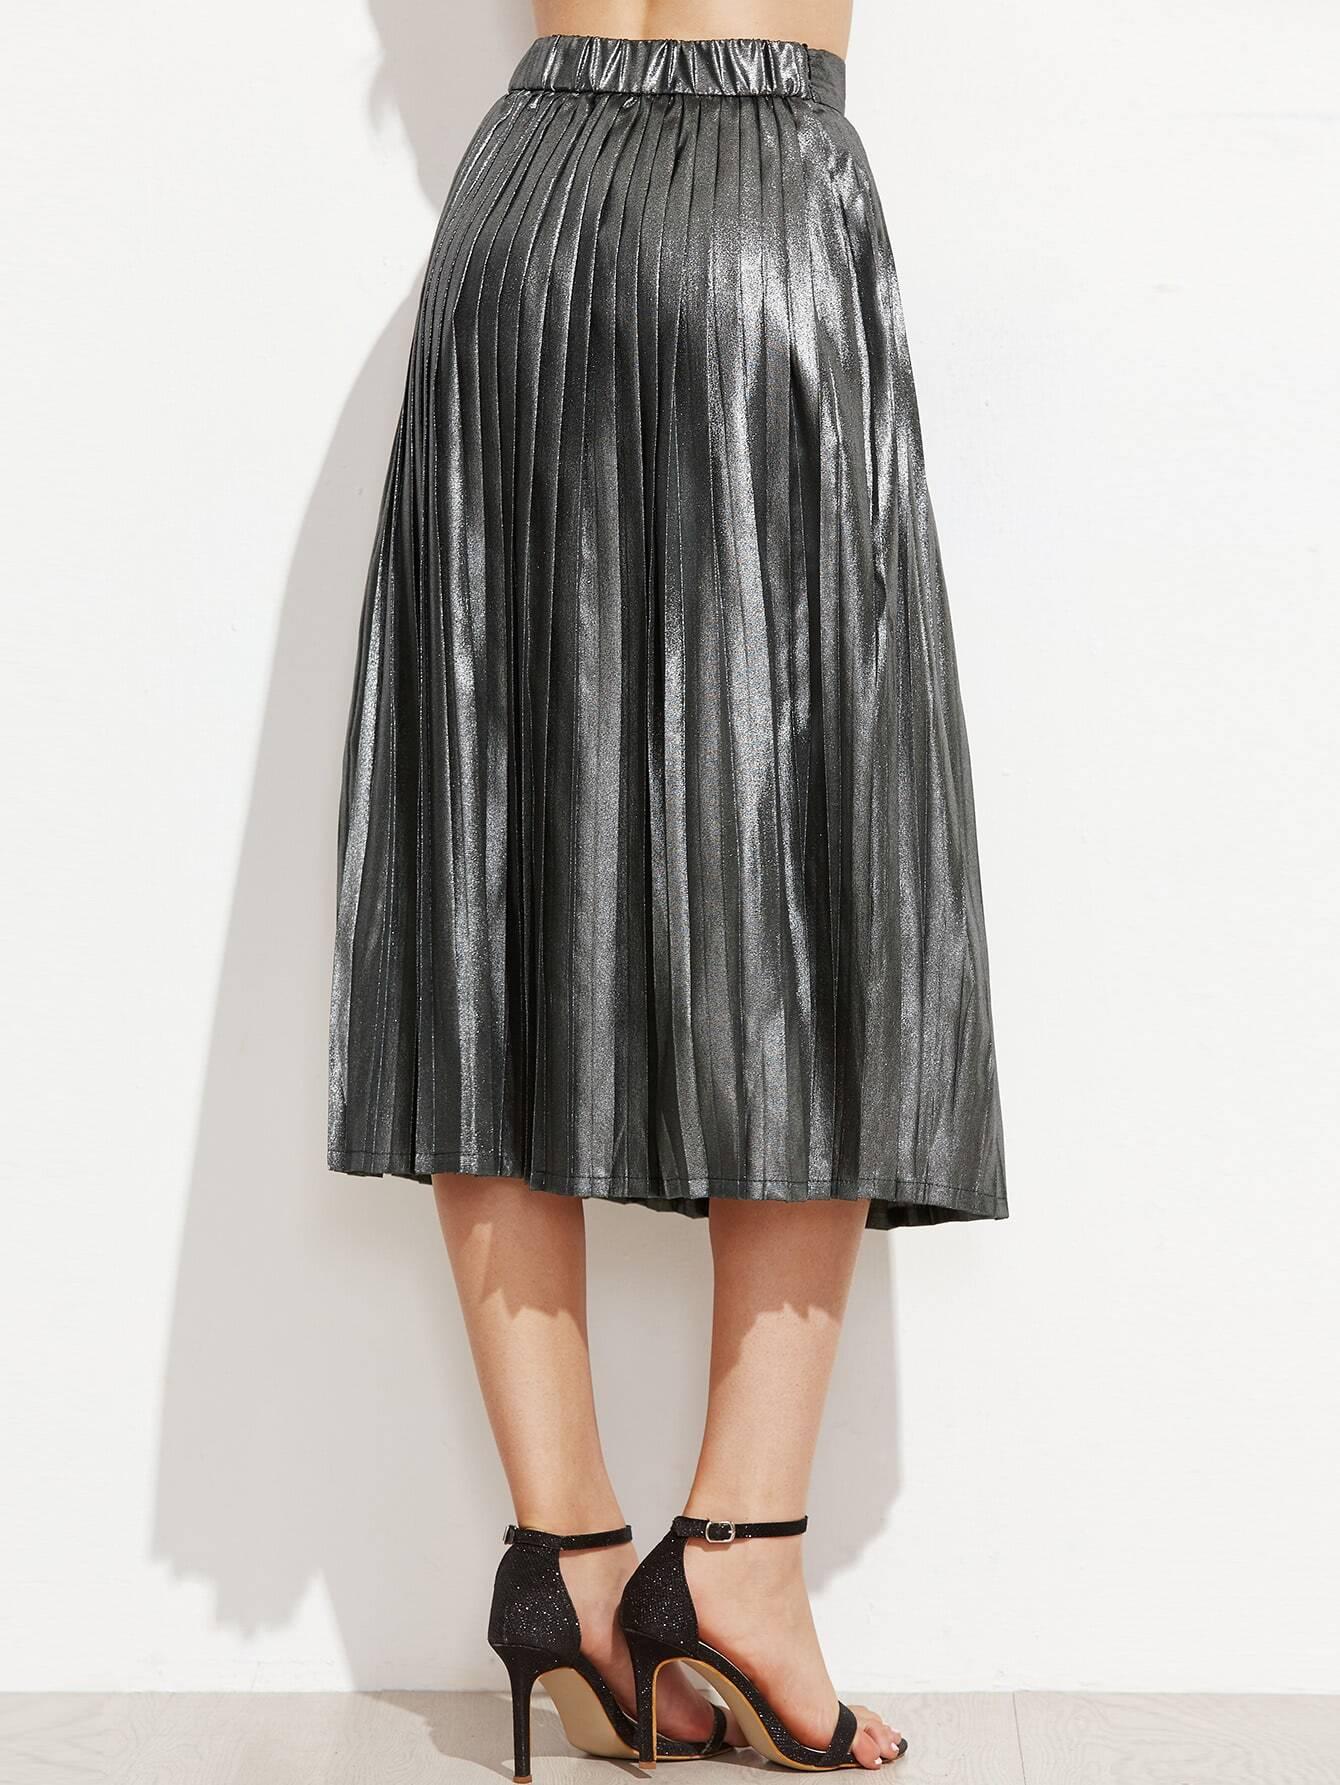 skirt161012131_2